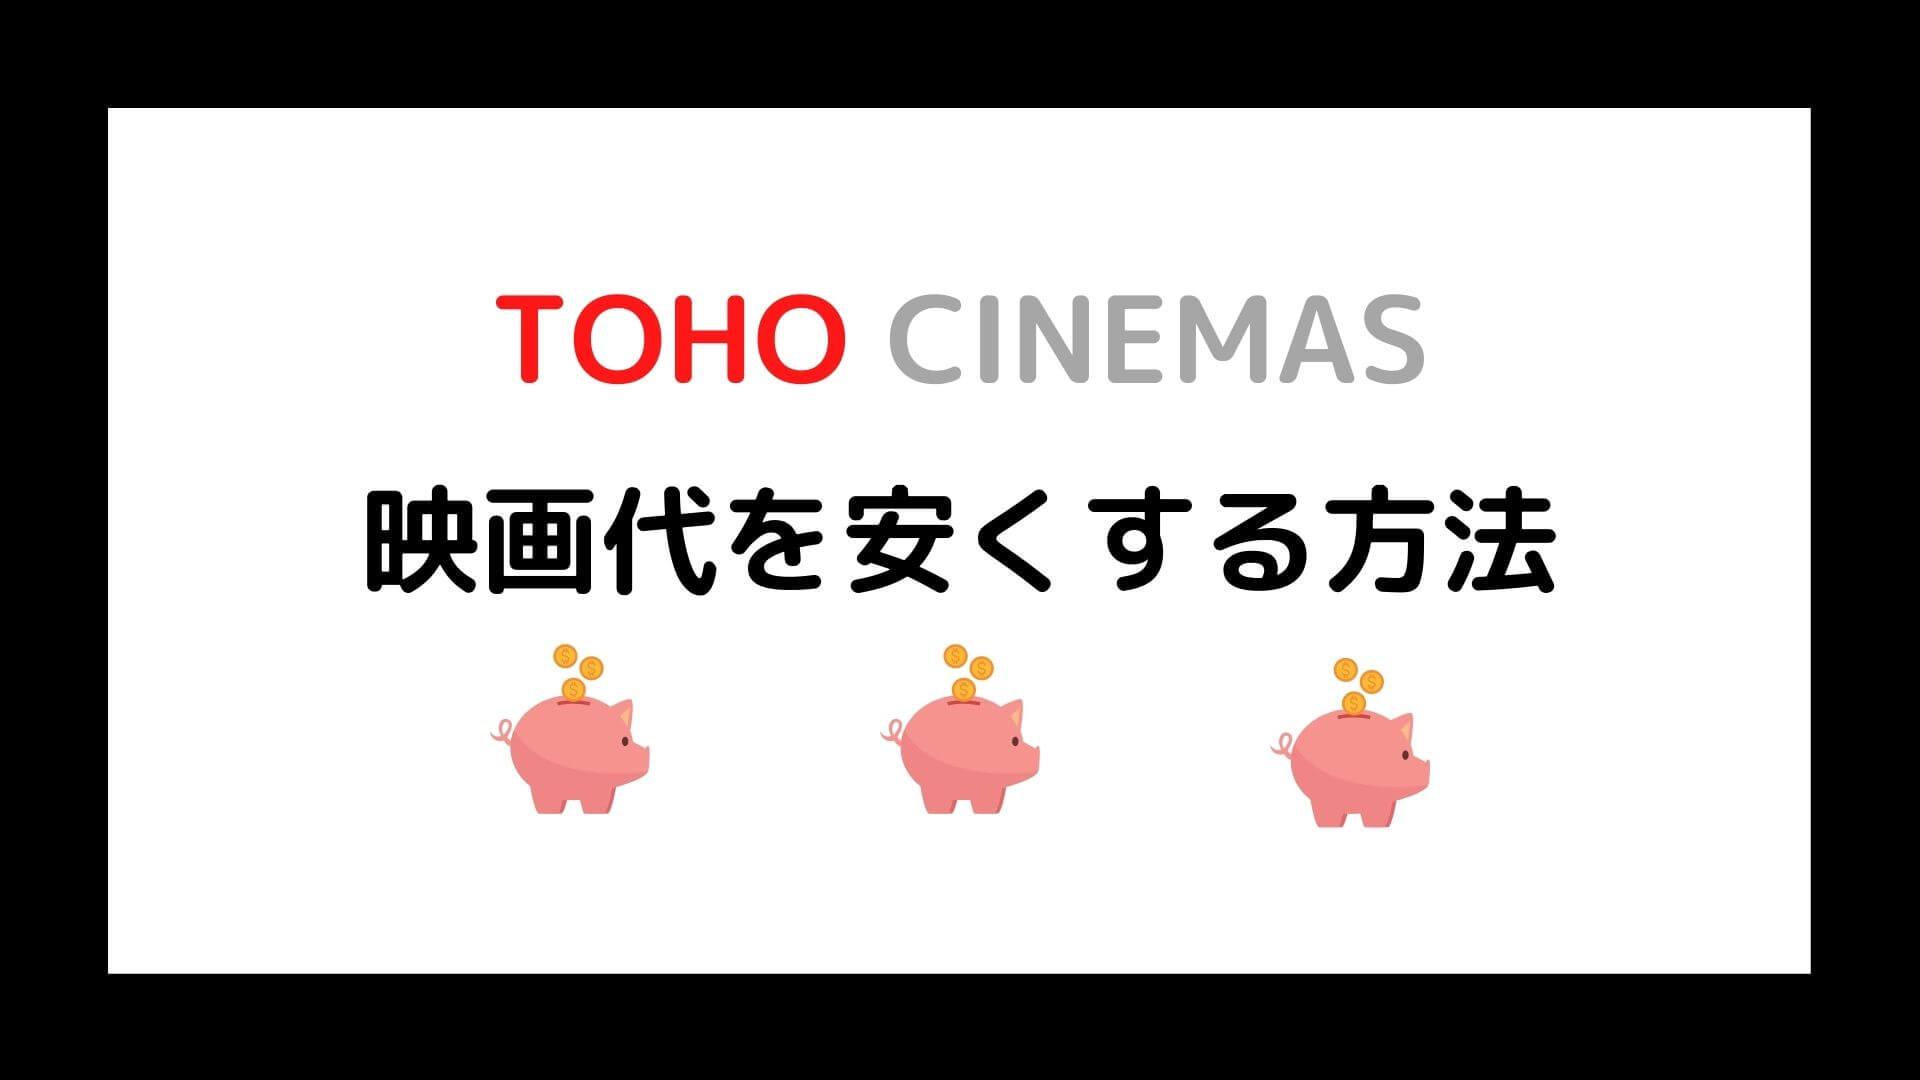 【保存版】TOHOシネマズで映画を安く観る方法を徹底解説!